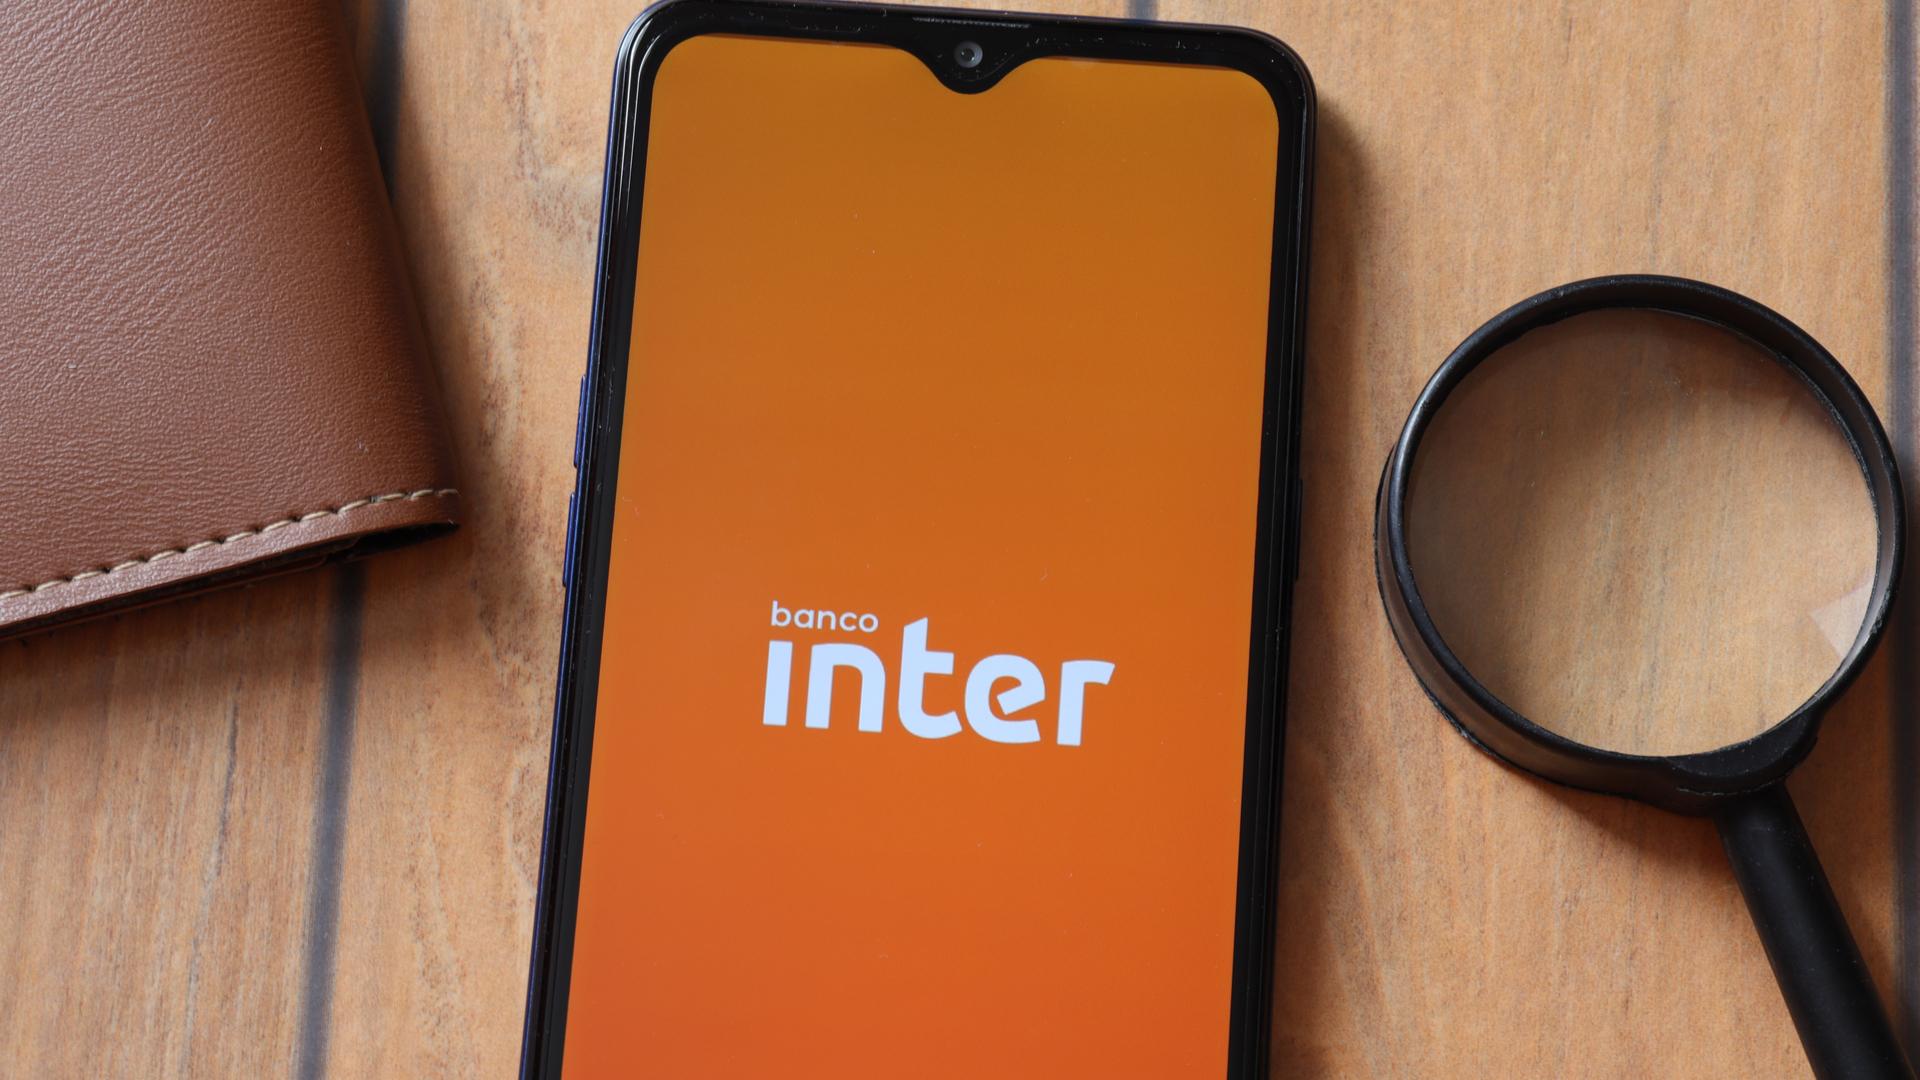 Banco Inter em tela de celular ao lado de lupa